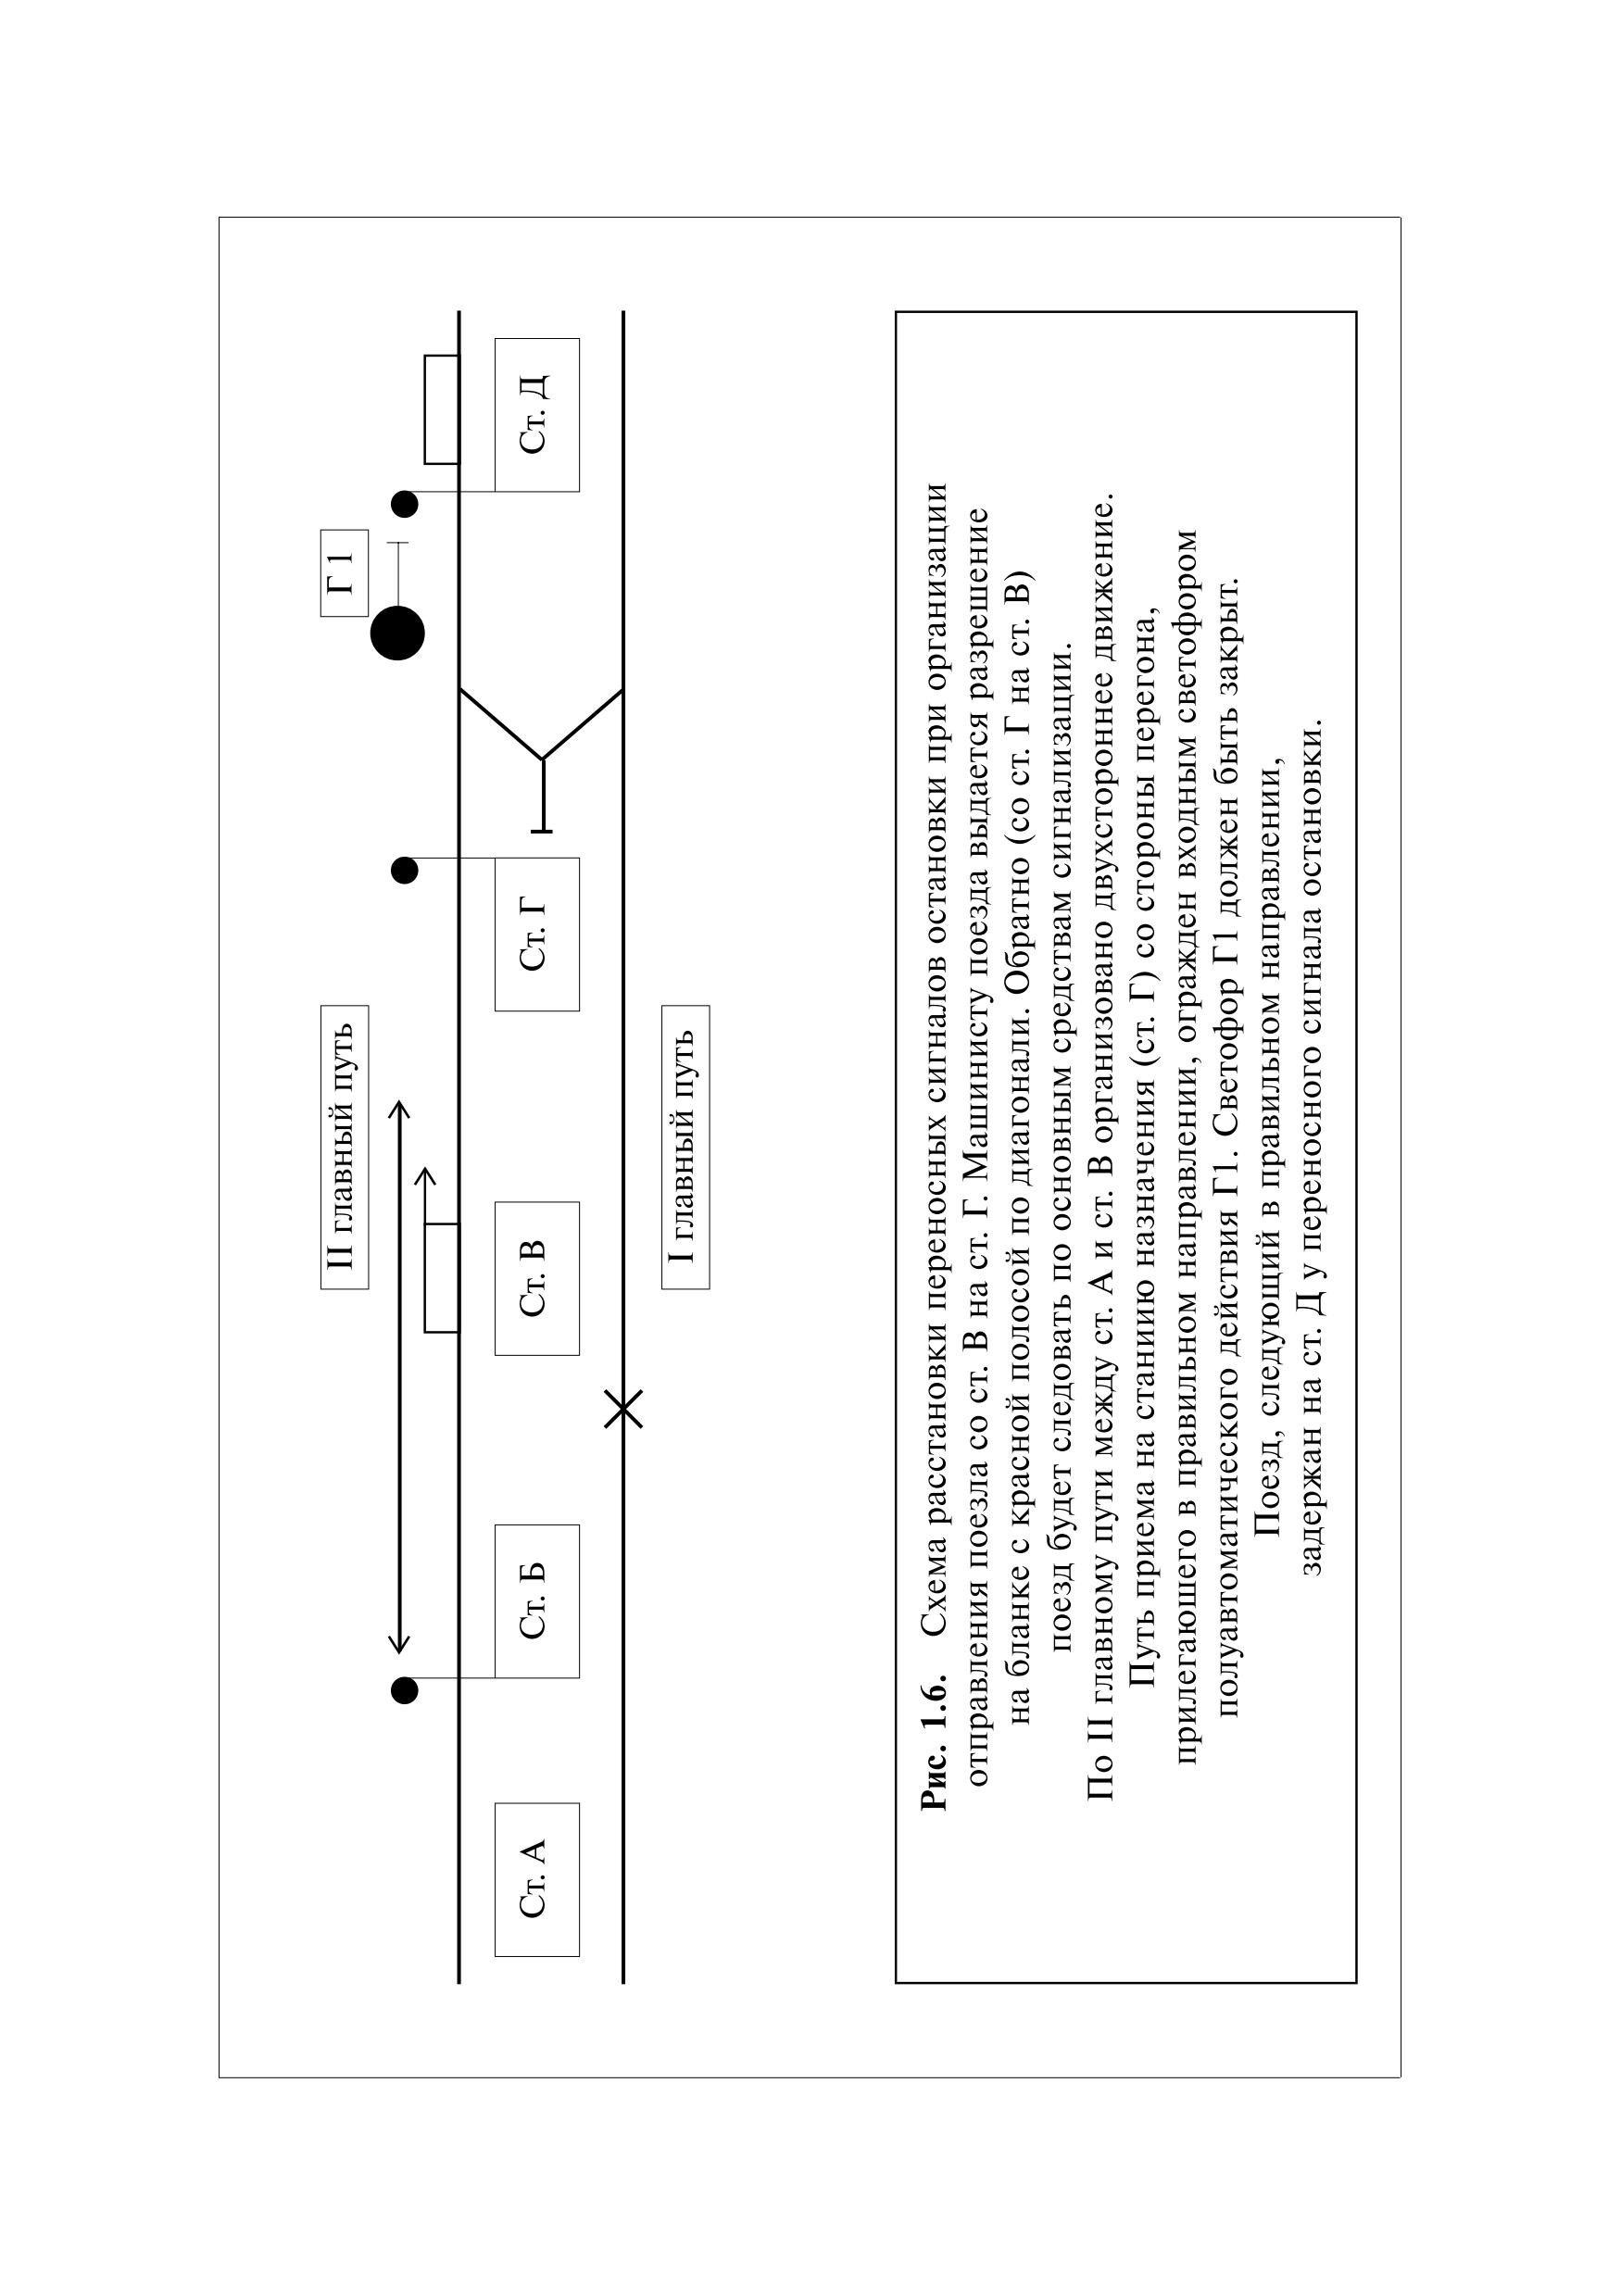 инструкция по движению поездов и маневровой работе 2013 скачать